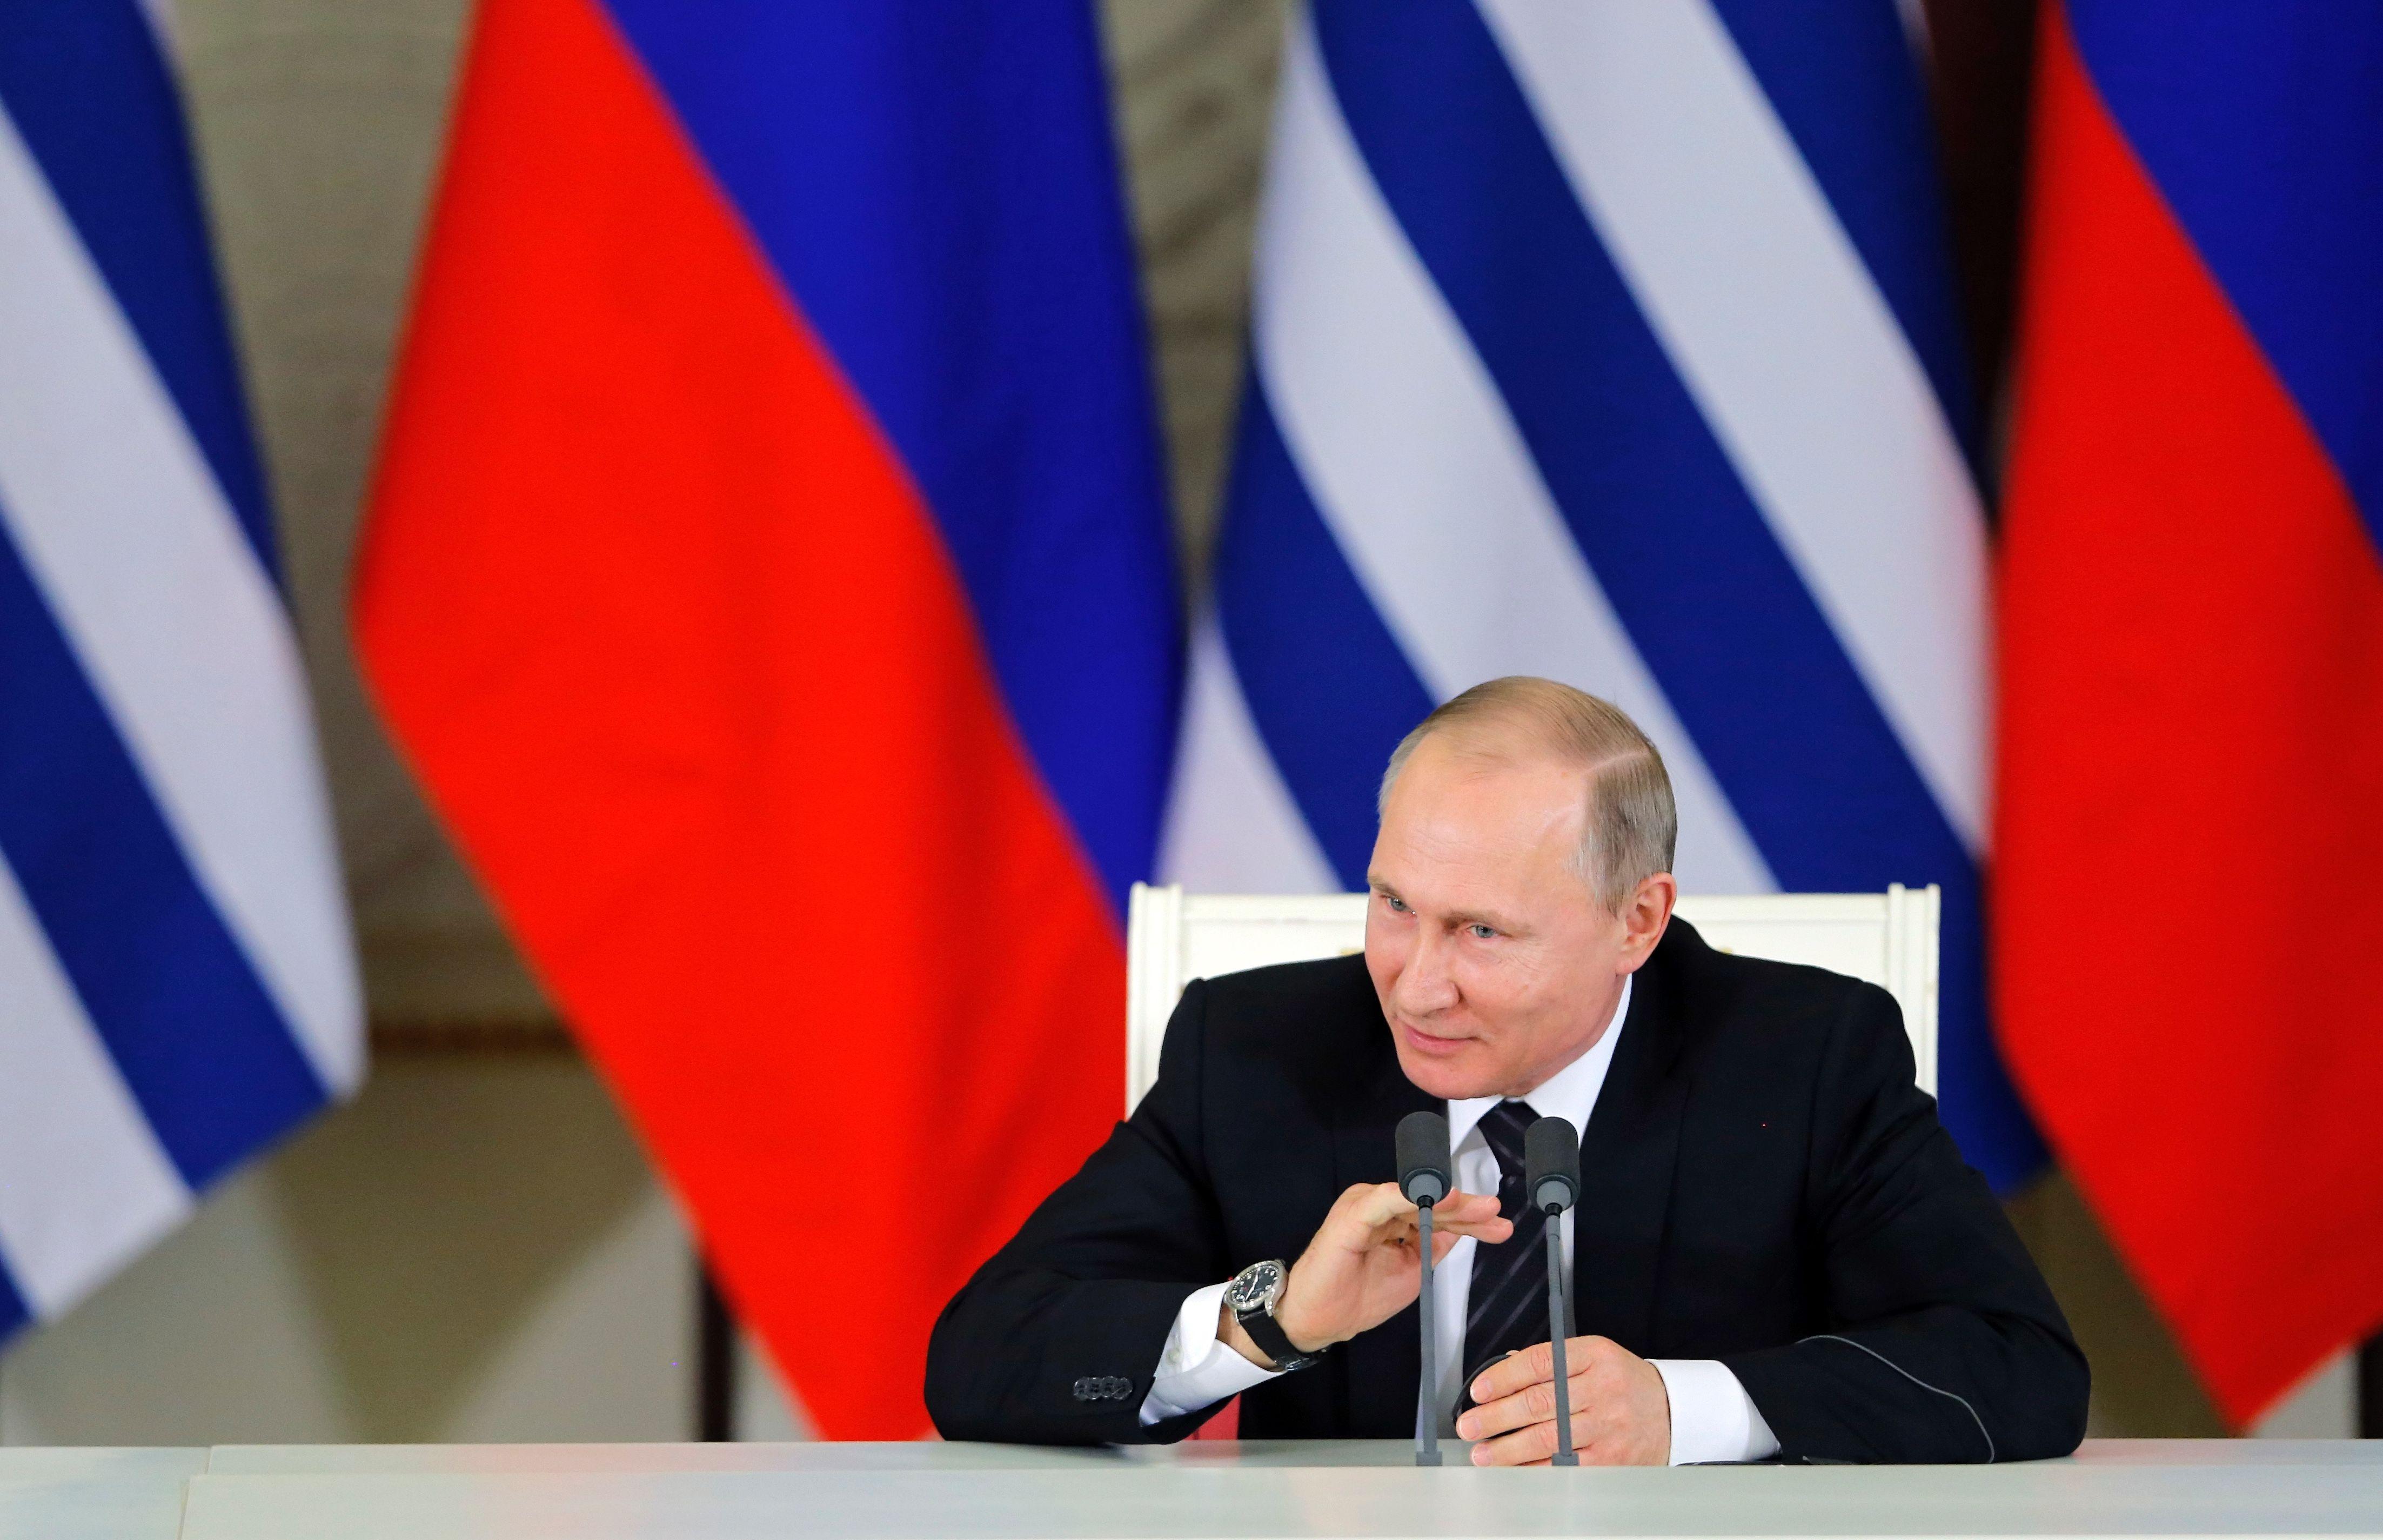 Poroshenko critica reconhecimento russo de documentos separatistas ucranianos